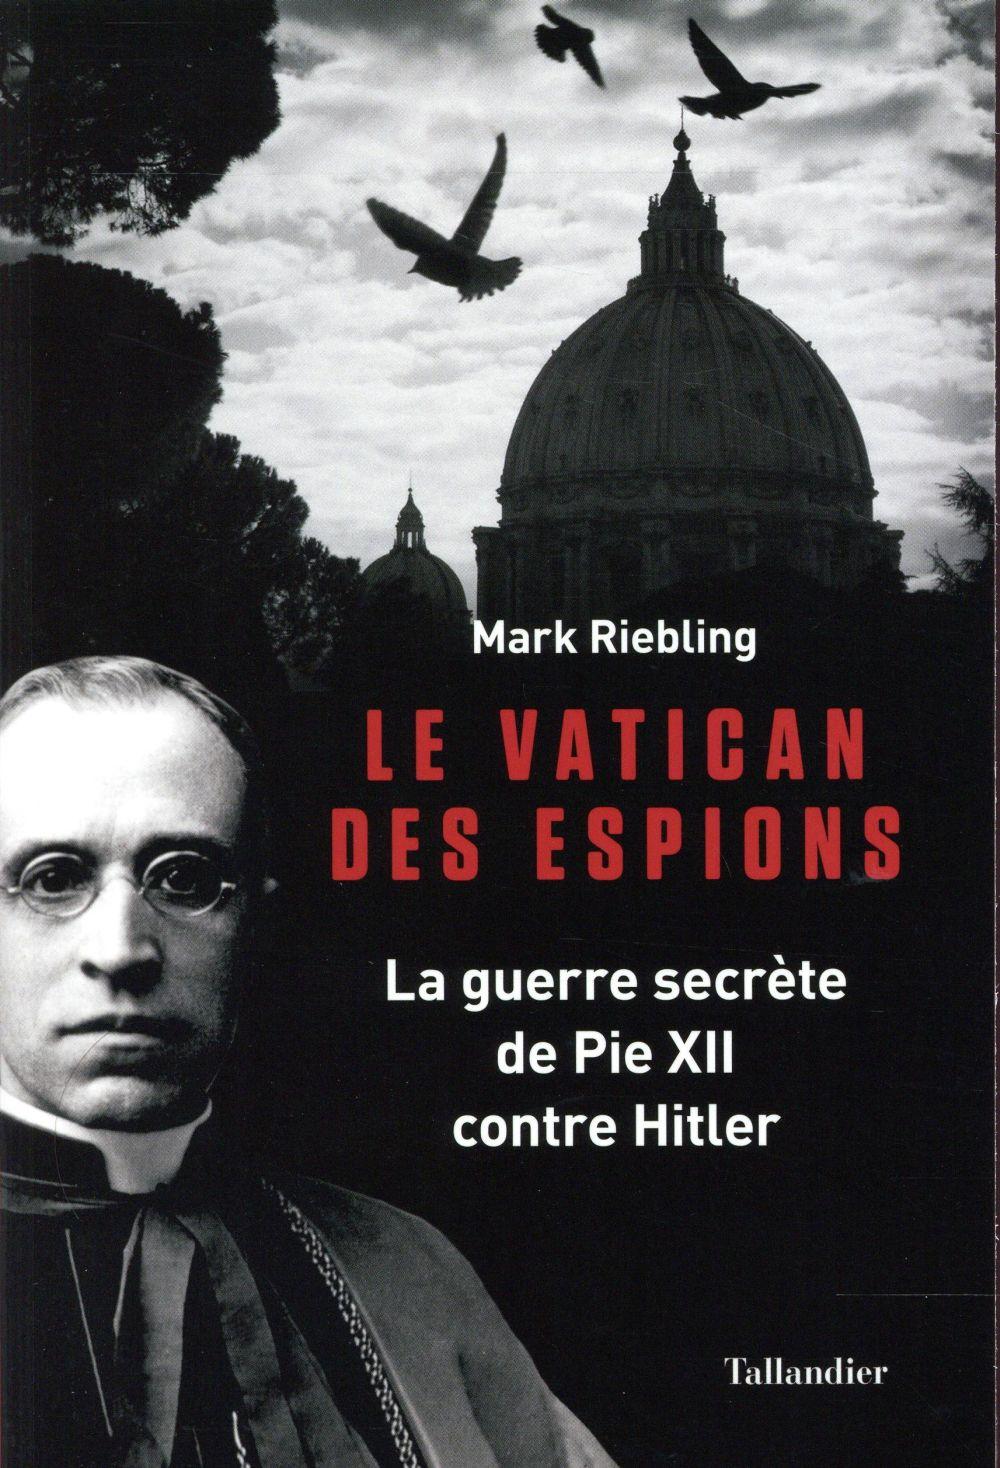 le vatican des espions ; la guerre secrète de Pie XII contre Hitler